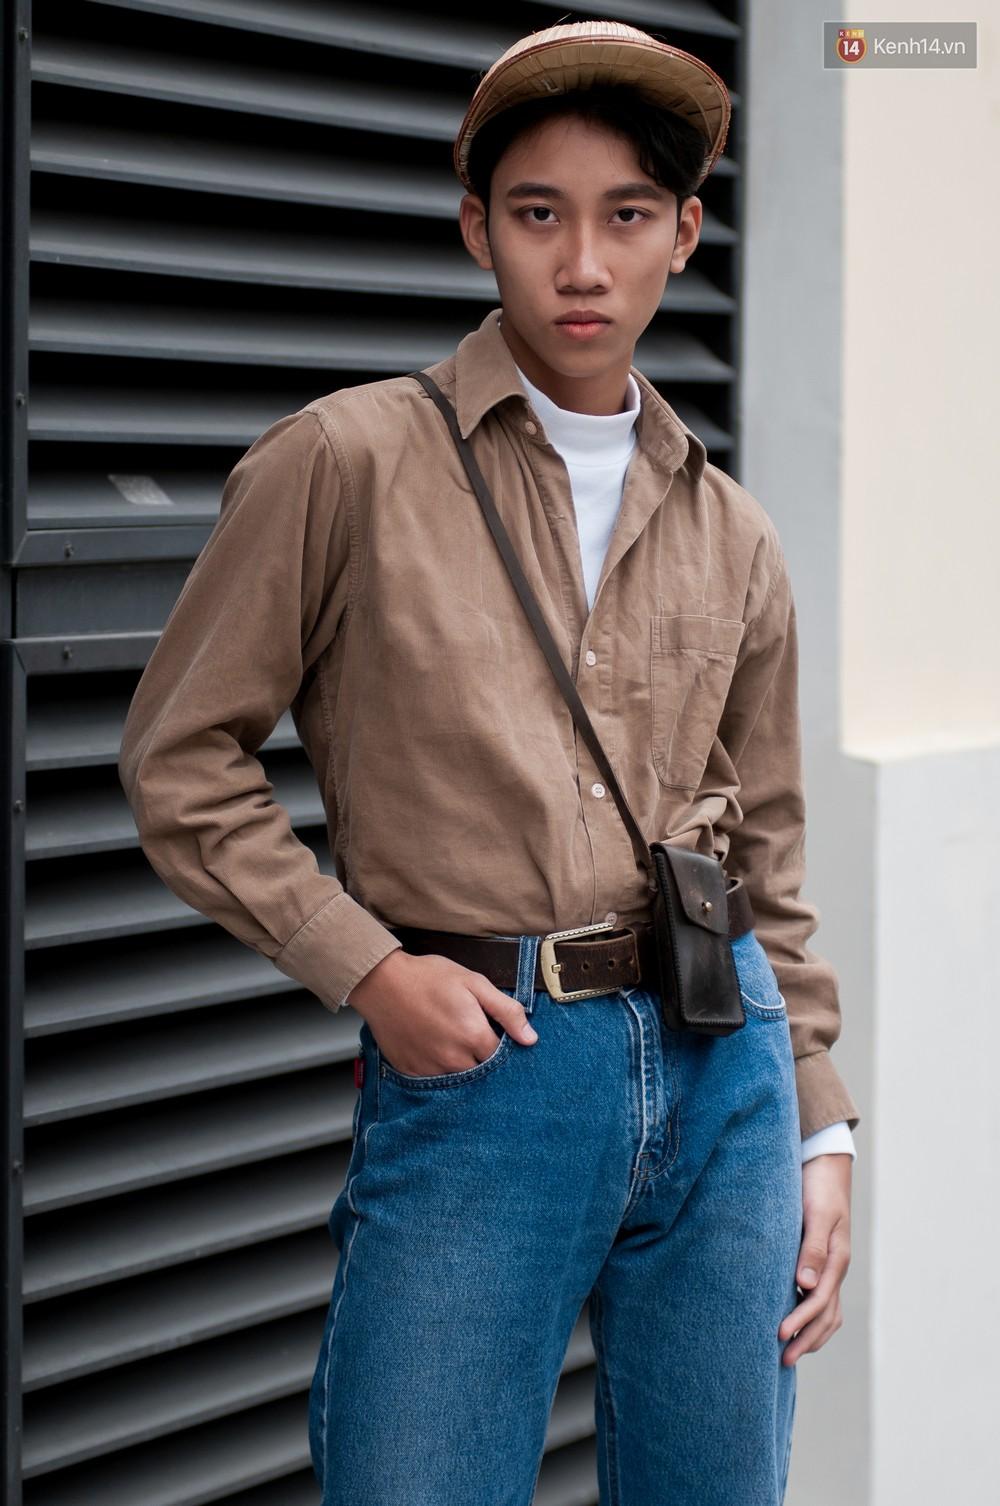 Street style 2 miền: không thời trang phang thời tiết, giới trẻ trổ tài lên đồ ấm áp nhưng vẫn hút mắt - Ảnh 12.